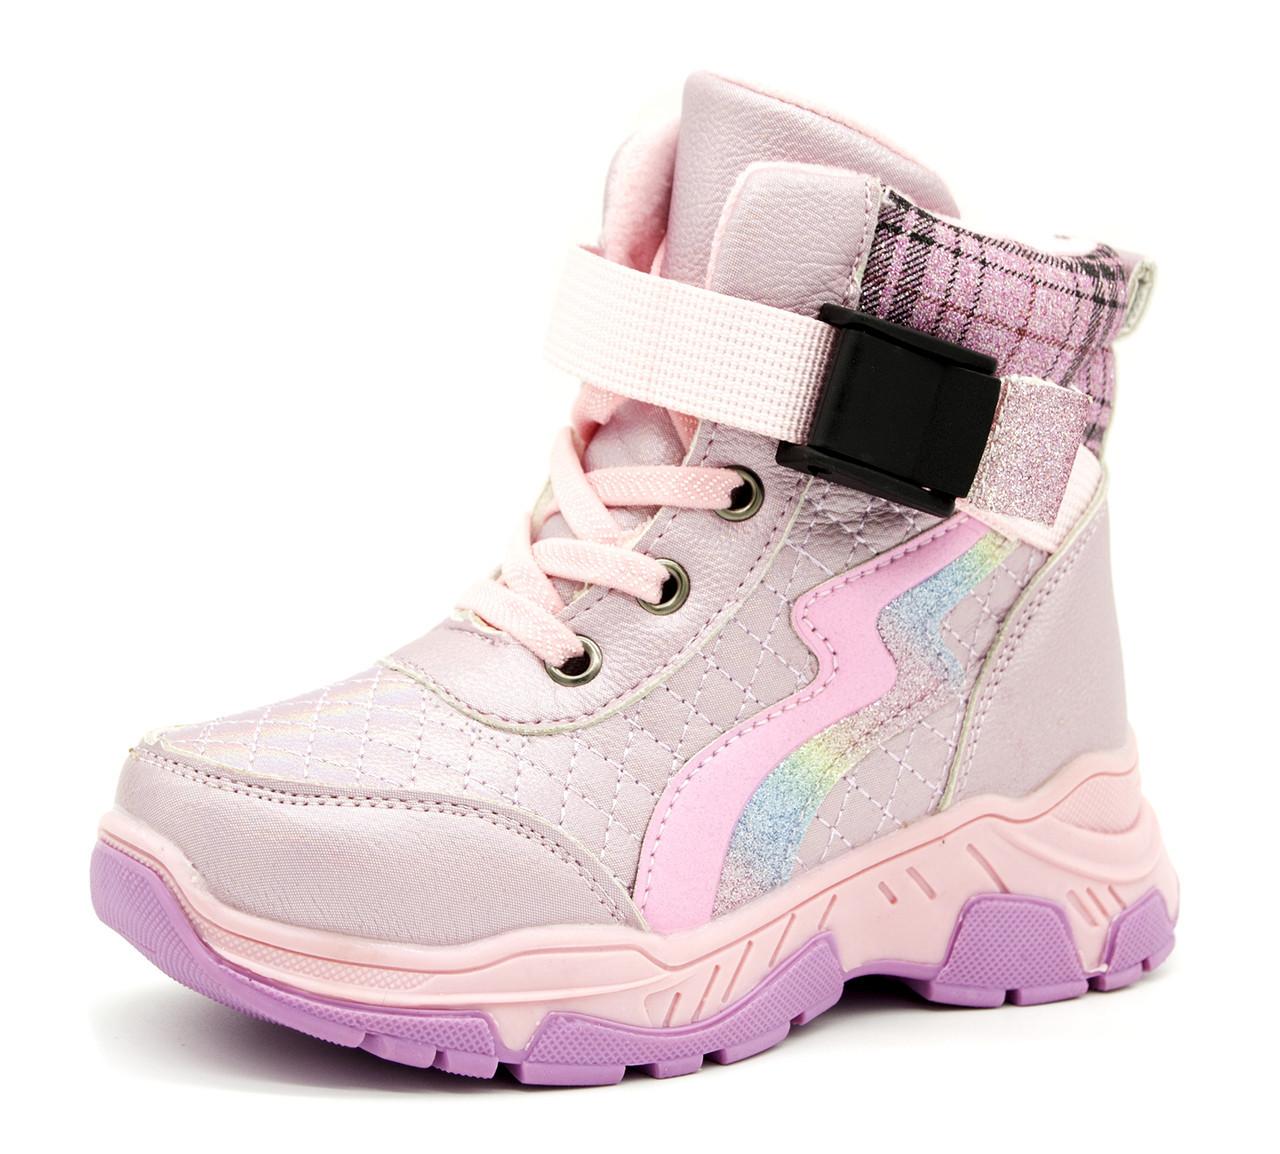 Демисезонные ботинки для девочки Розовые Размер - 28